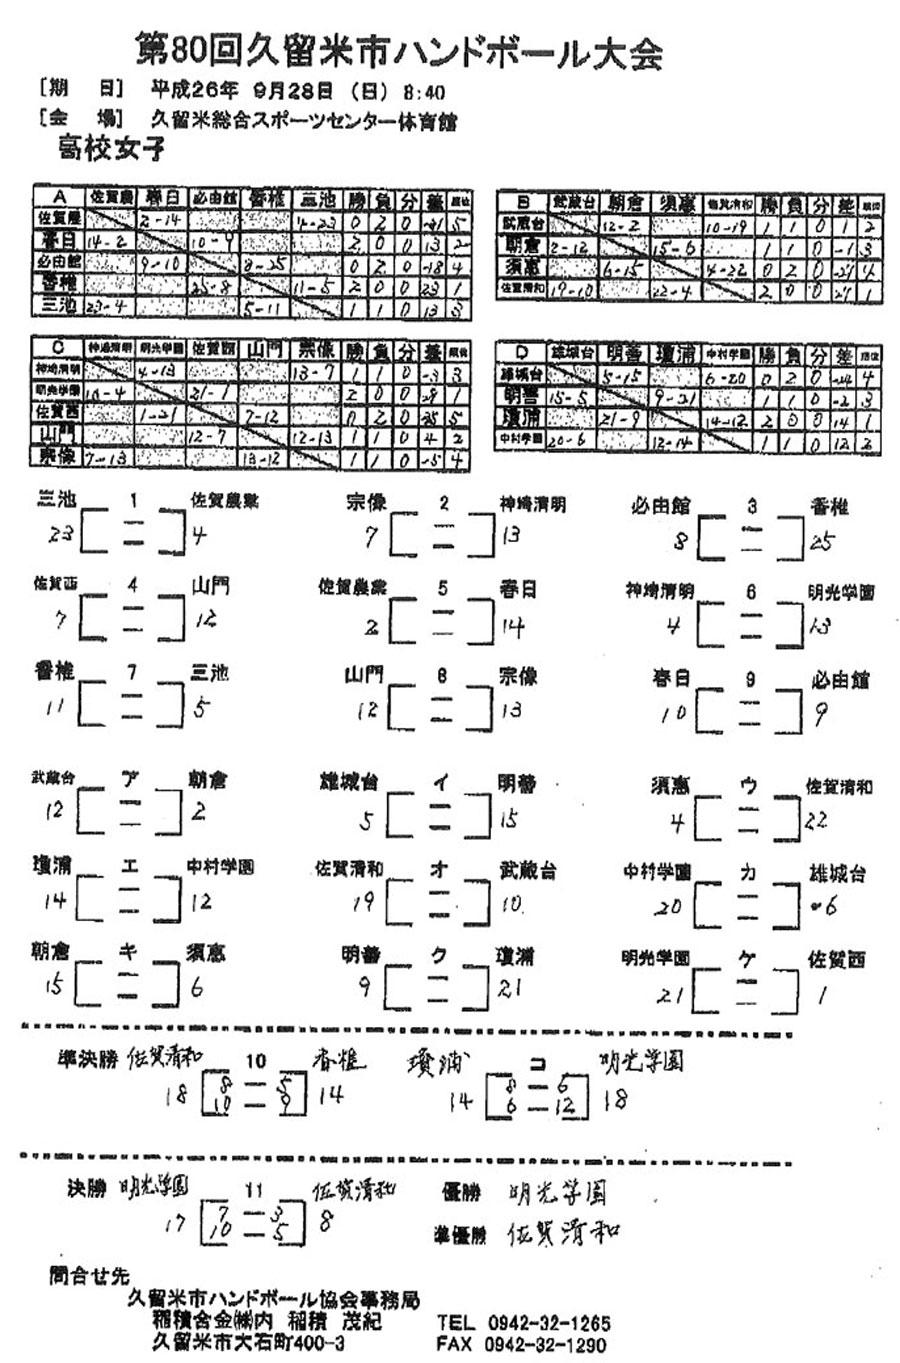 2014kurume_kurumesitaikai_kekka_j_2